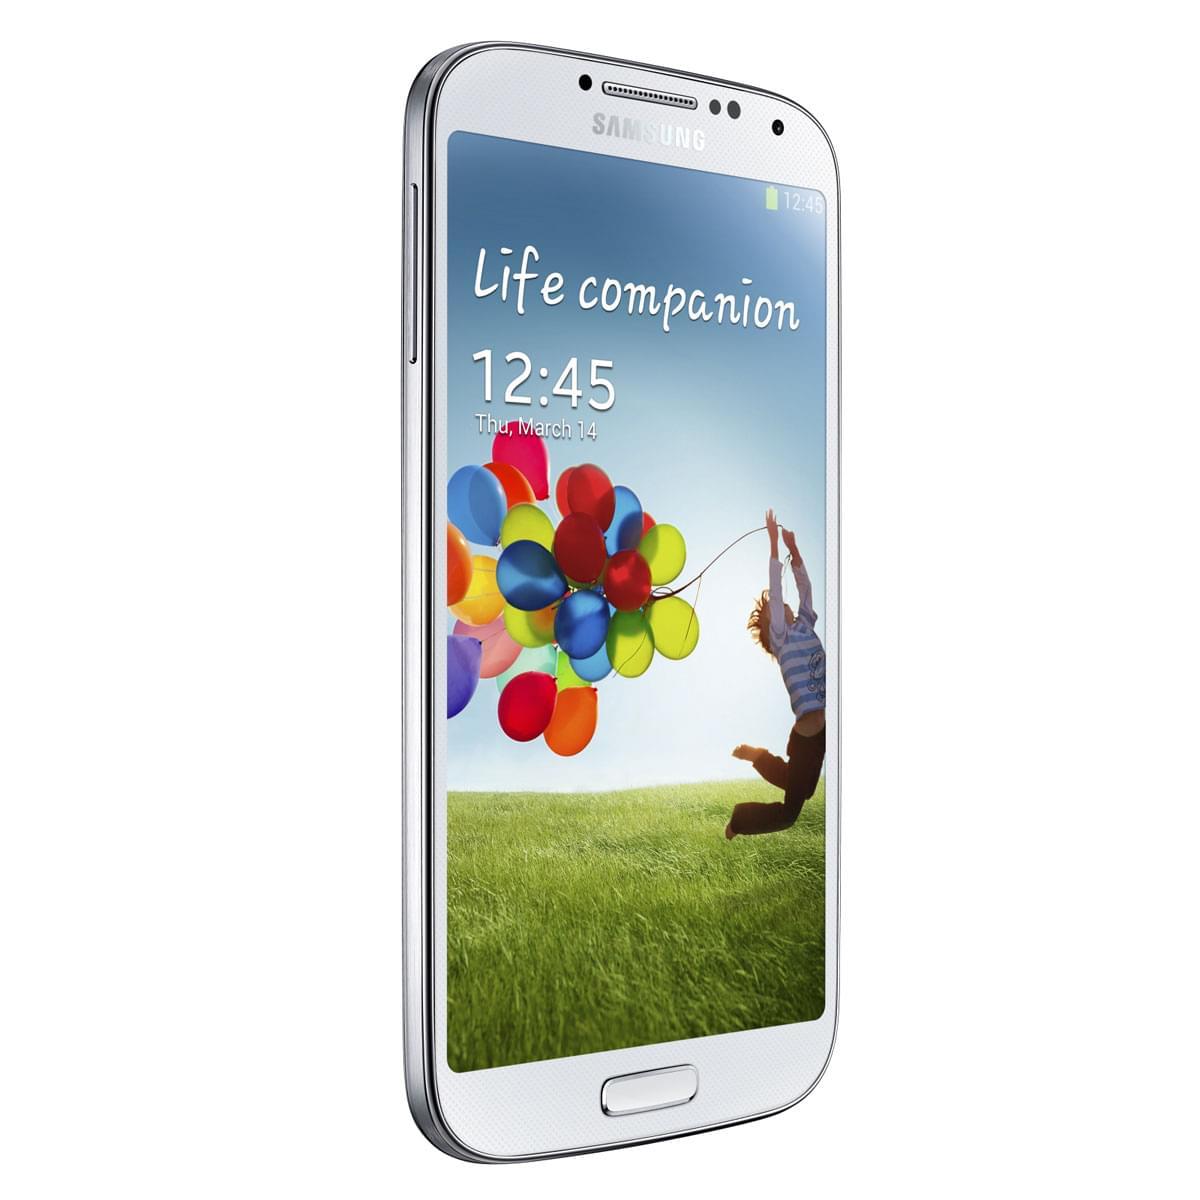 Samsung Galaxy S4 16Go GT-I9515 White Frost (GT-I9515ZWAXEF) - Achat / Vente Téléphonie sur Cybertek.fr - 0